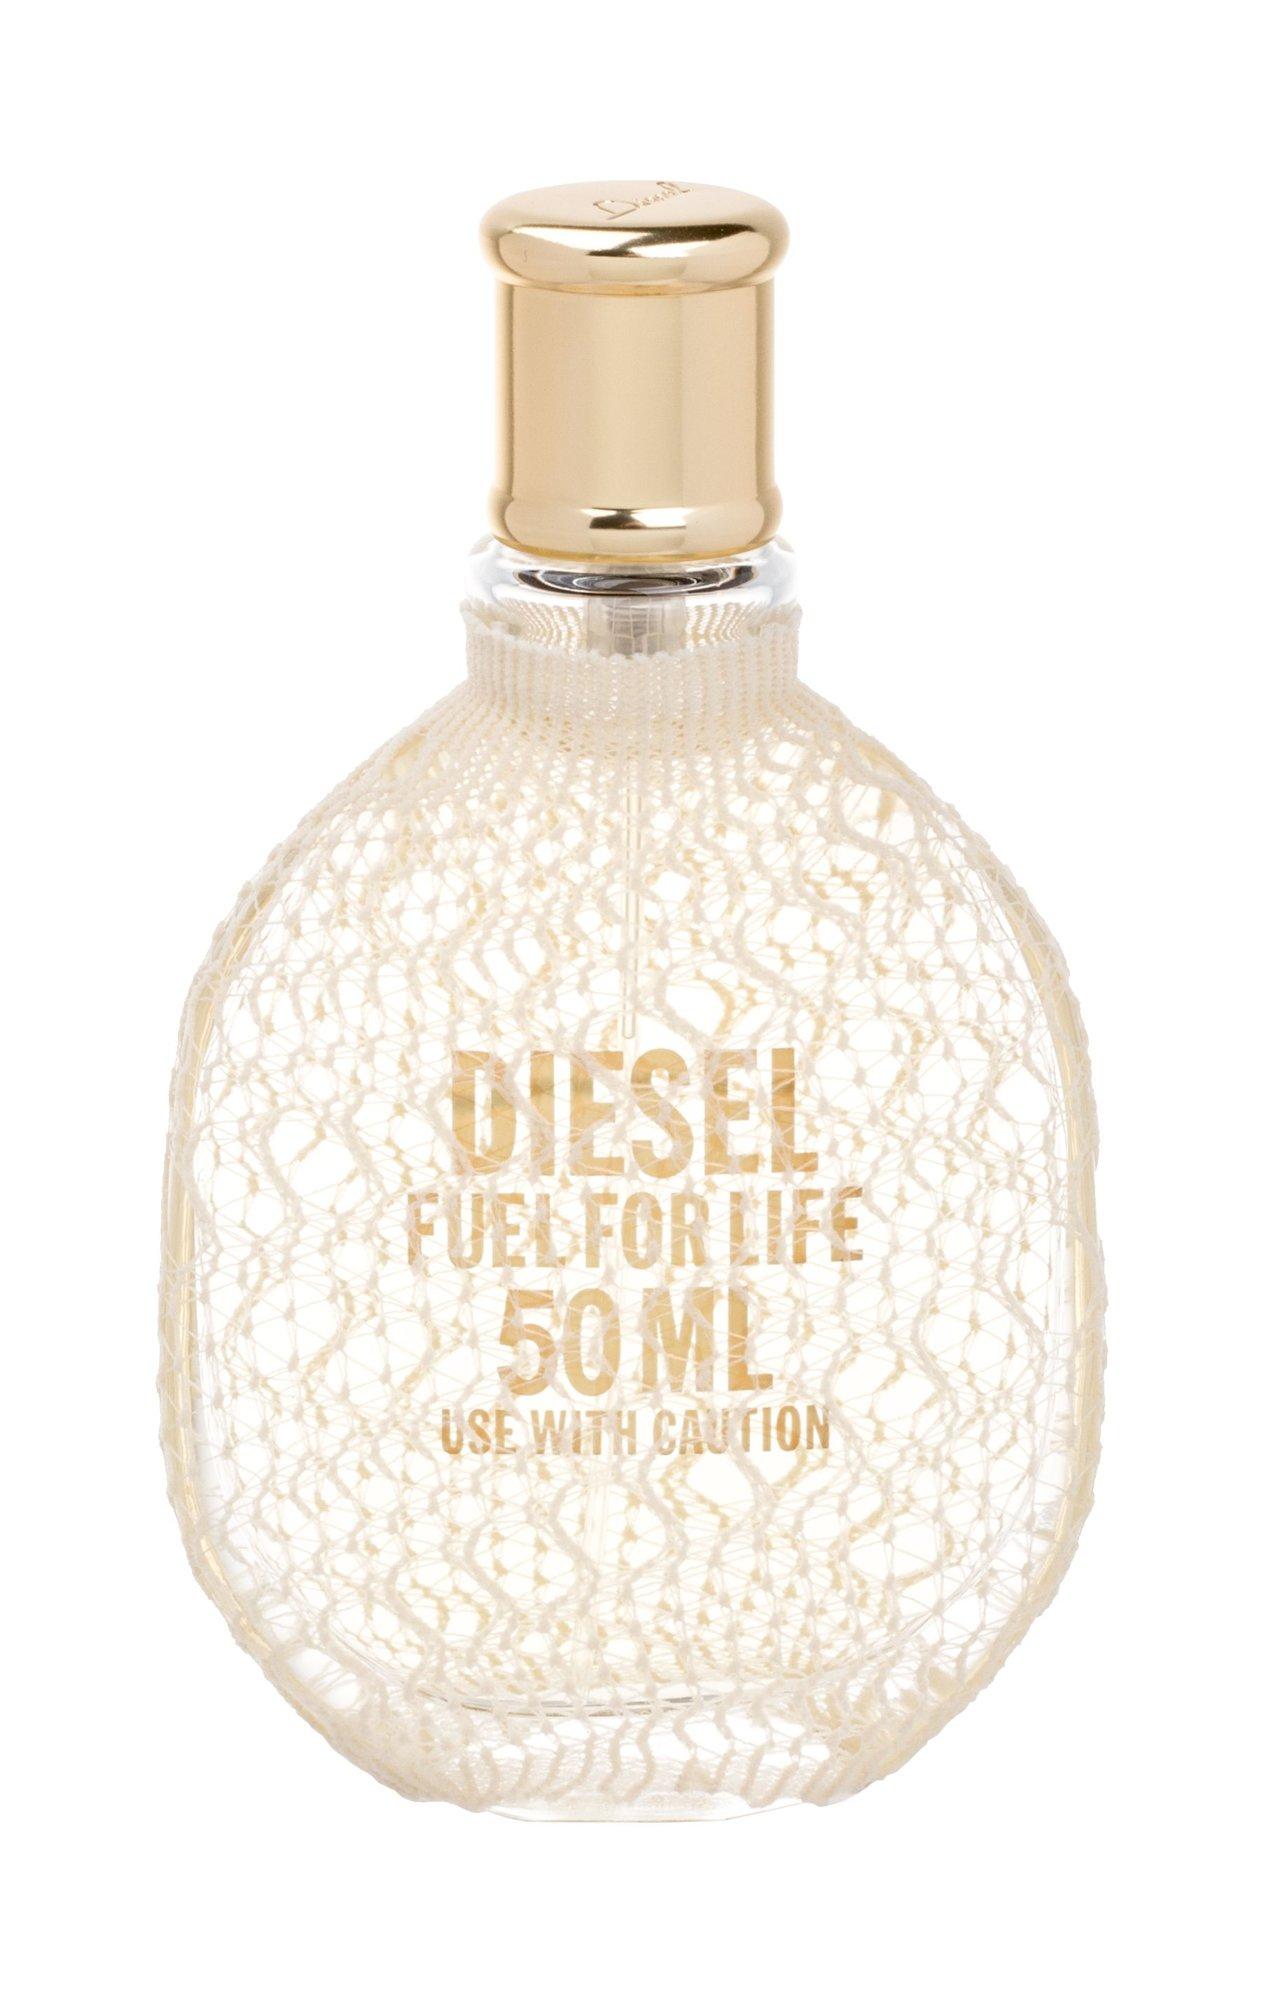 Diesel Fuel For Life Femme EDP 50ml